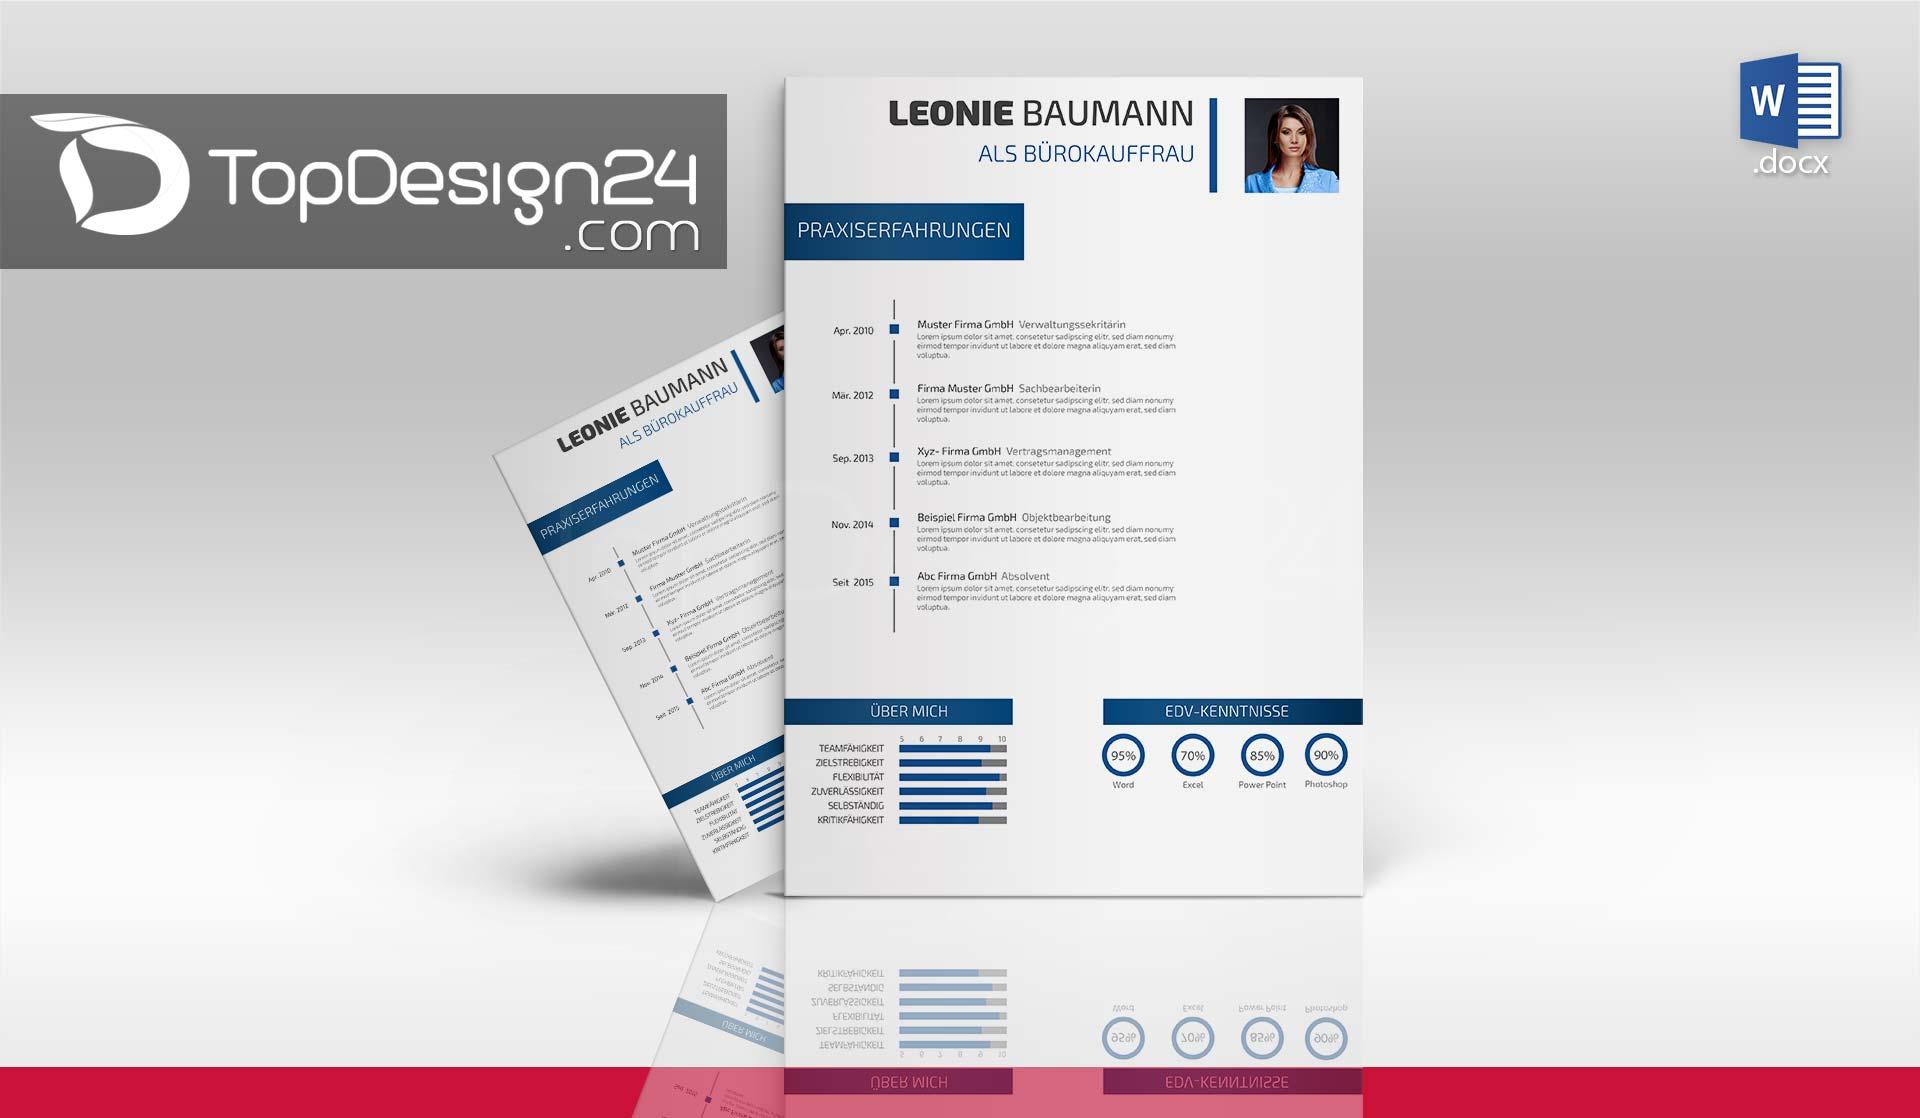 bewerbung design downloaden - Ausfuhrlicher Lebenslauf Muster